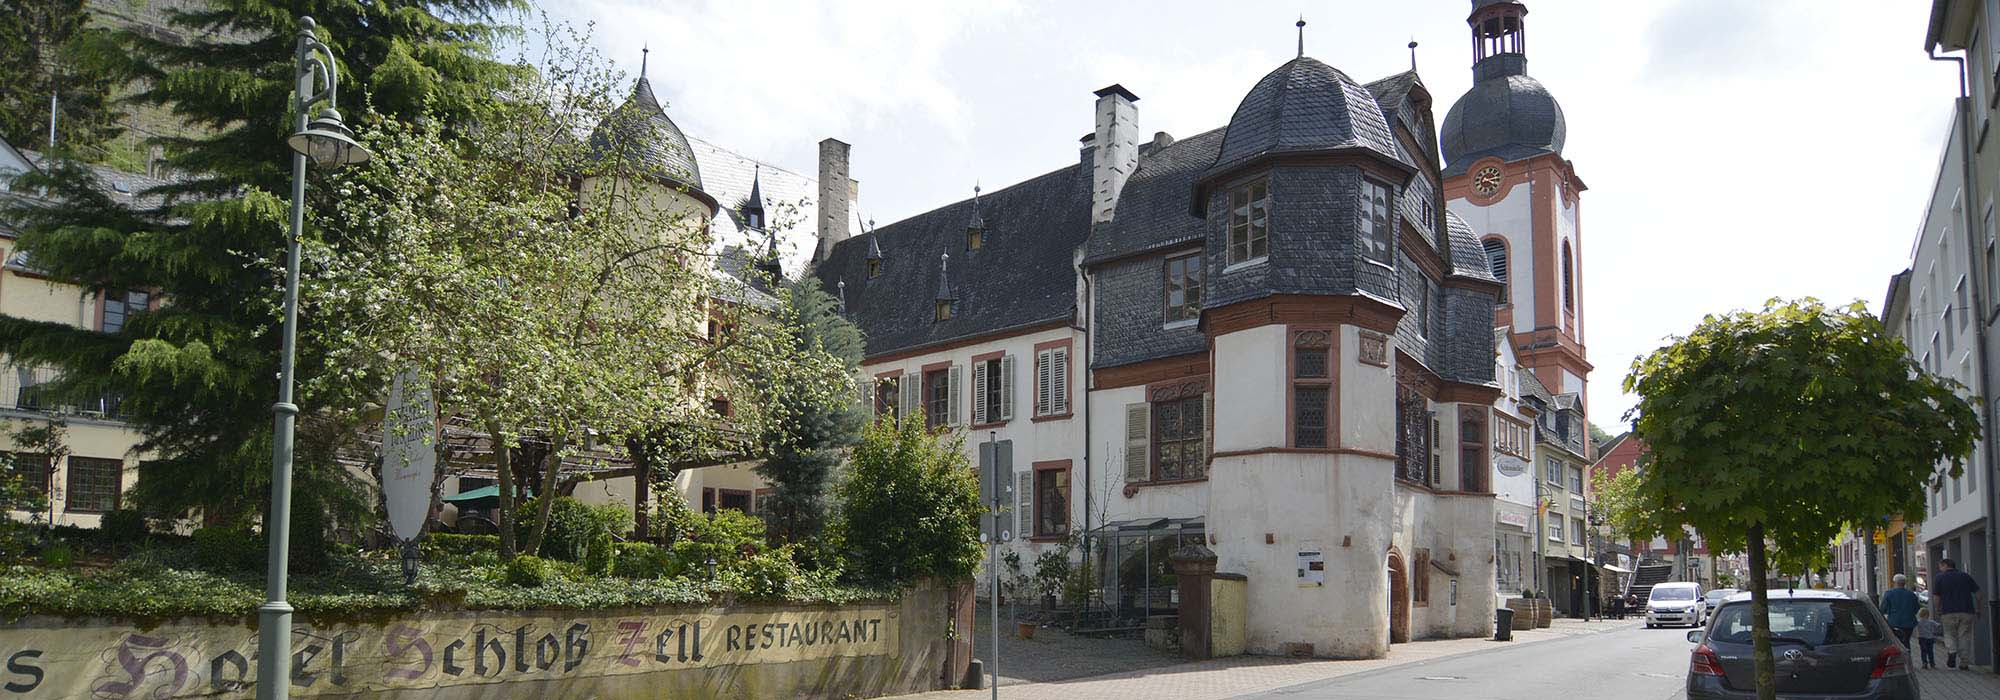 SchlossZell_ARN1163